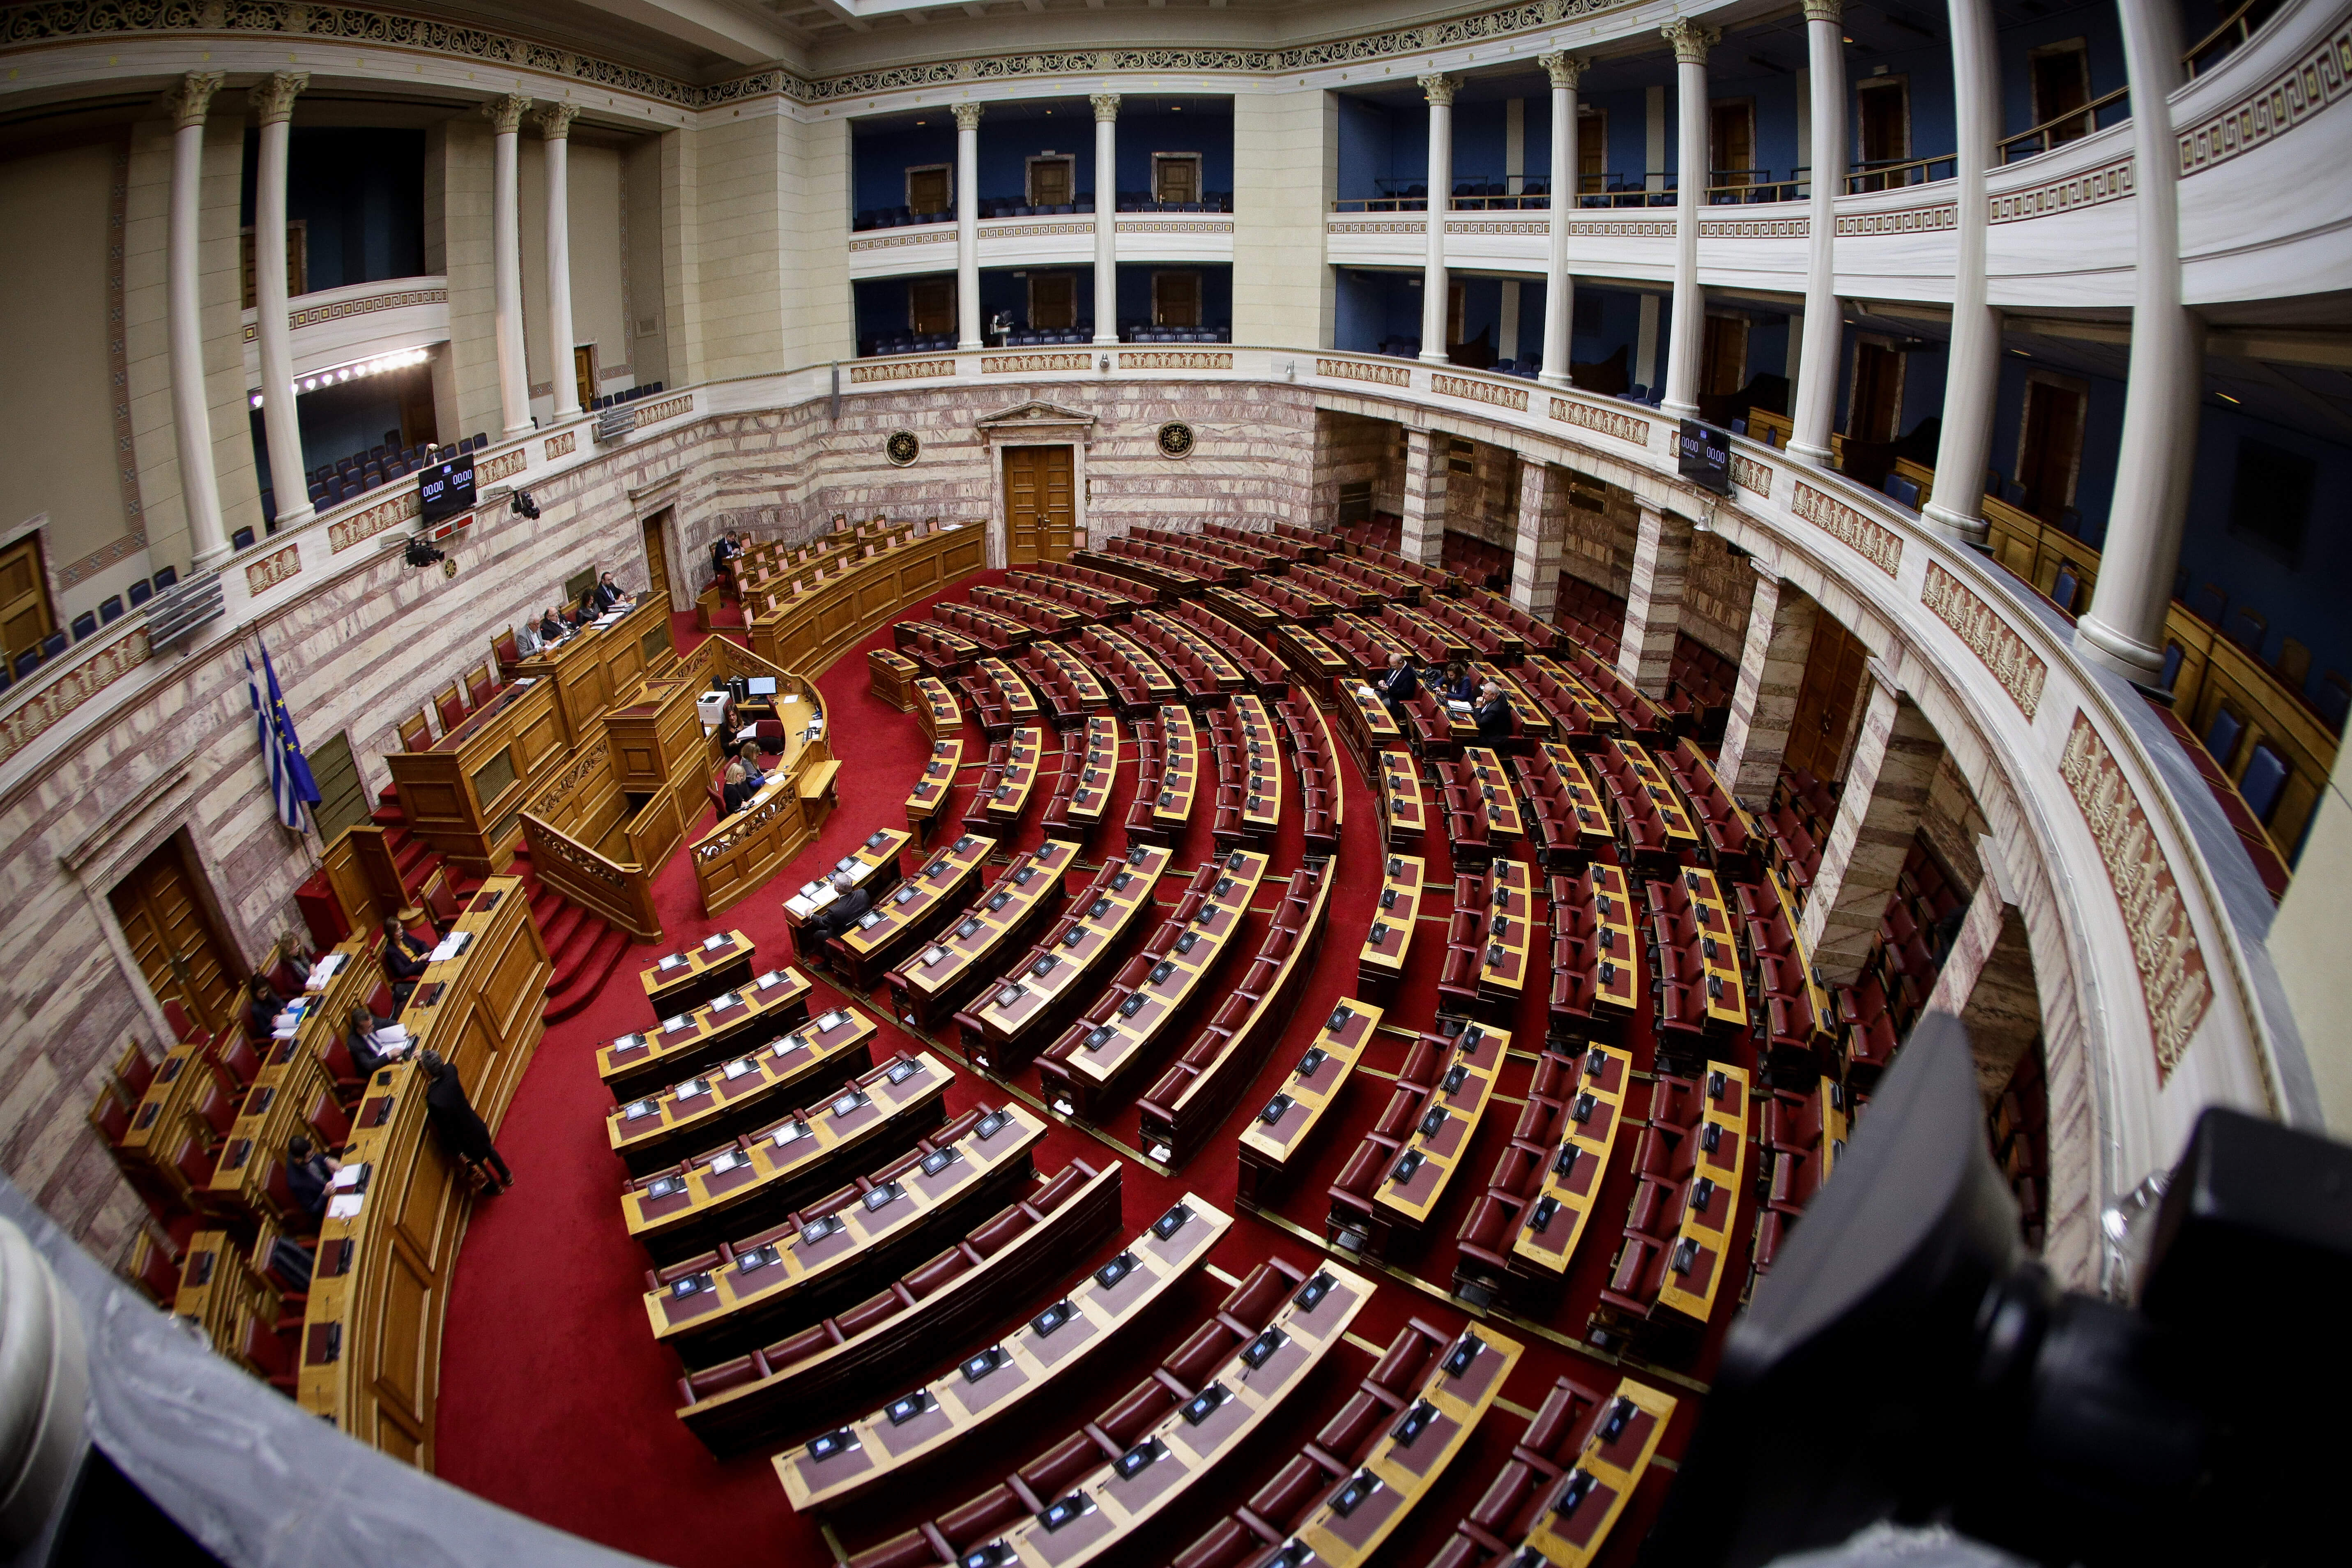 Συμφωνία των Πρεσπών: Εξελίξεις! Ολοταχώς για συζήτηση και ψηφοφορία